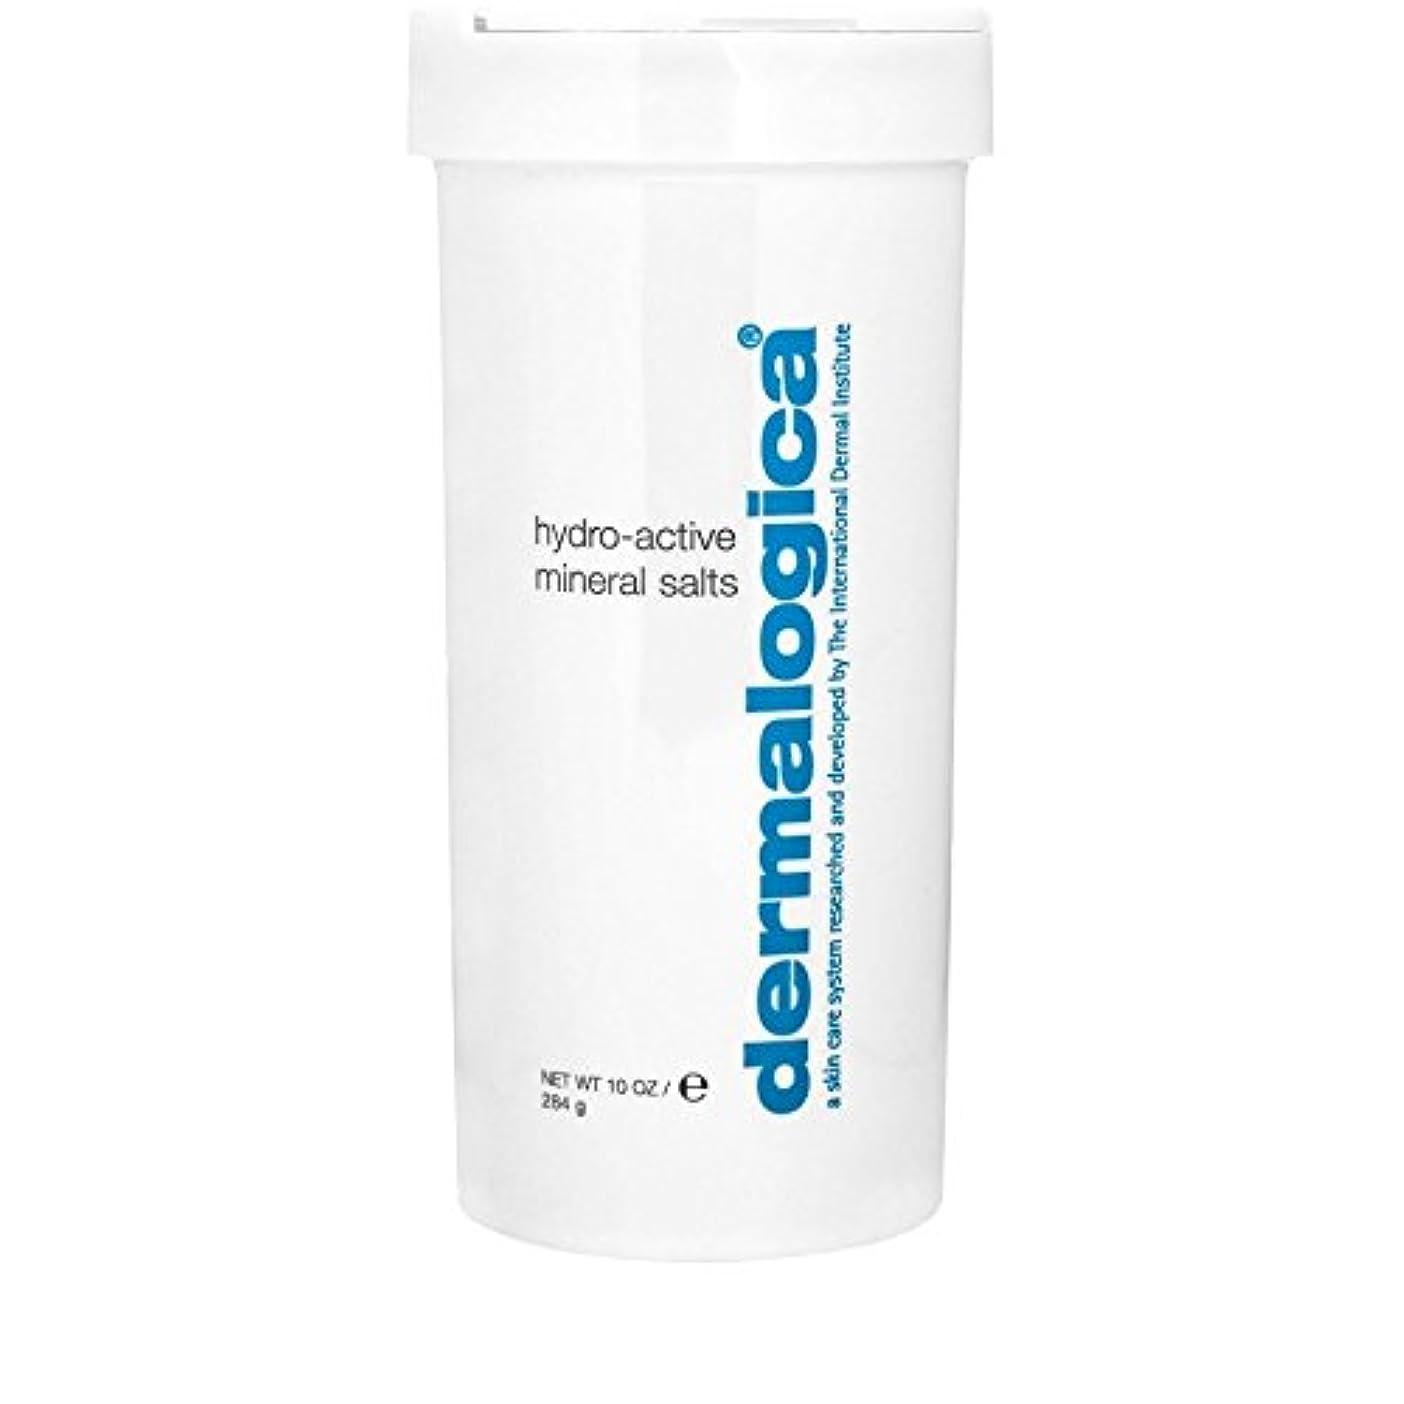 シャー体系的にずっとダーマロジカ水力アクティブミネラル塩284グラム x4 - Dermalogica Hydro Active Mineral Salt 284g (Pack of 4) [並行輸入品]